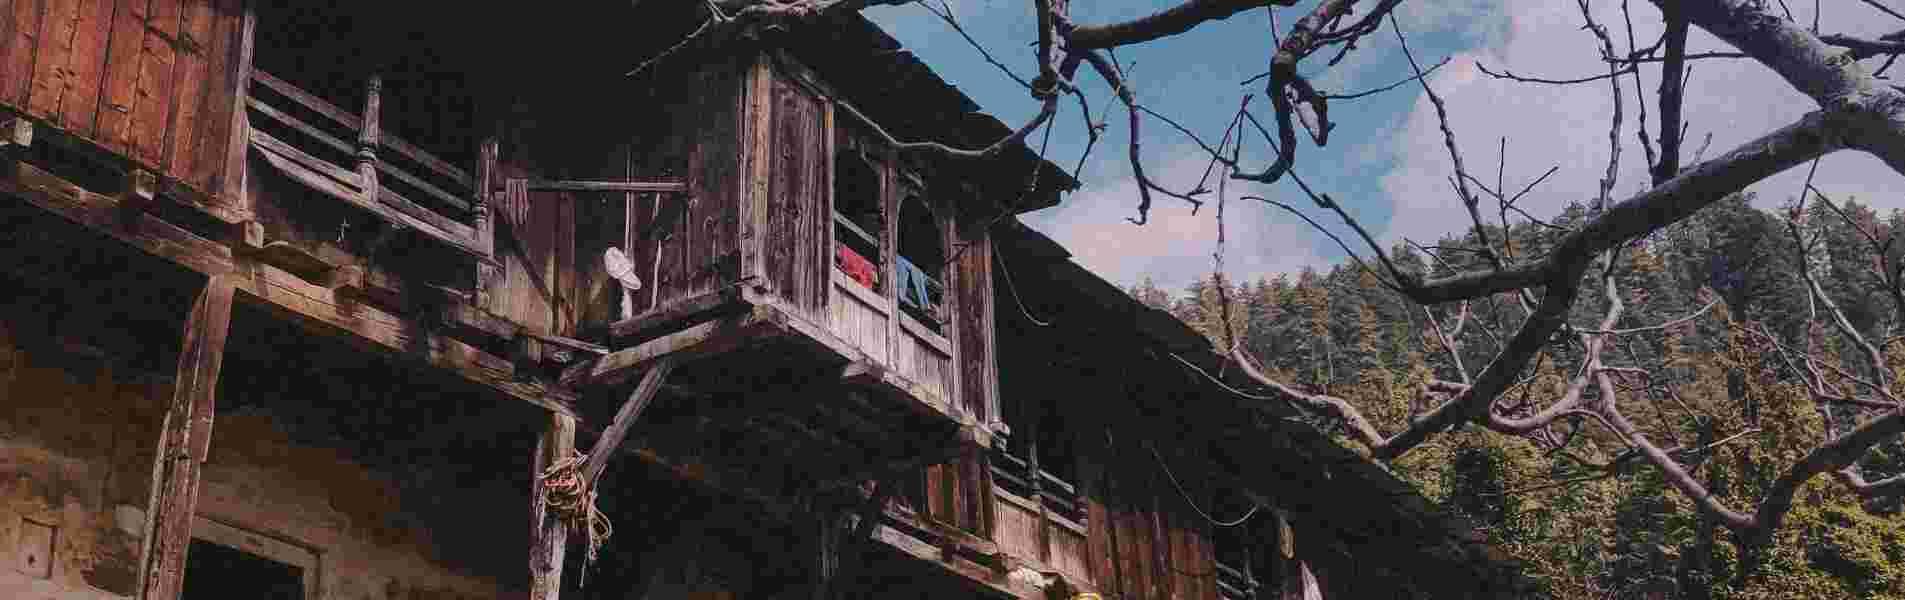 Hidden Hamlets of Himachal header image